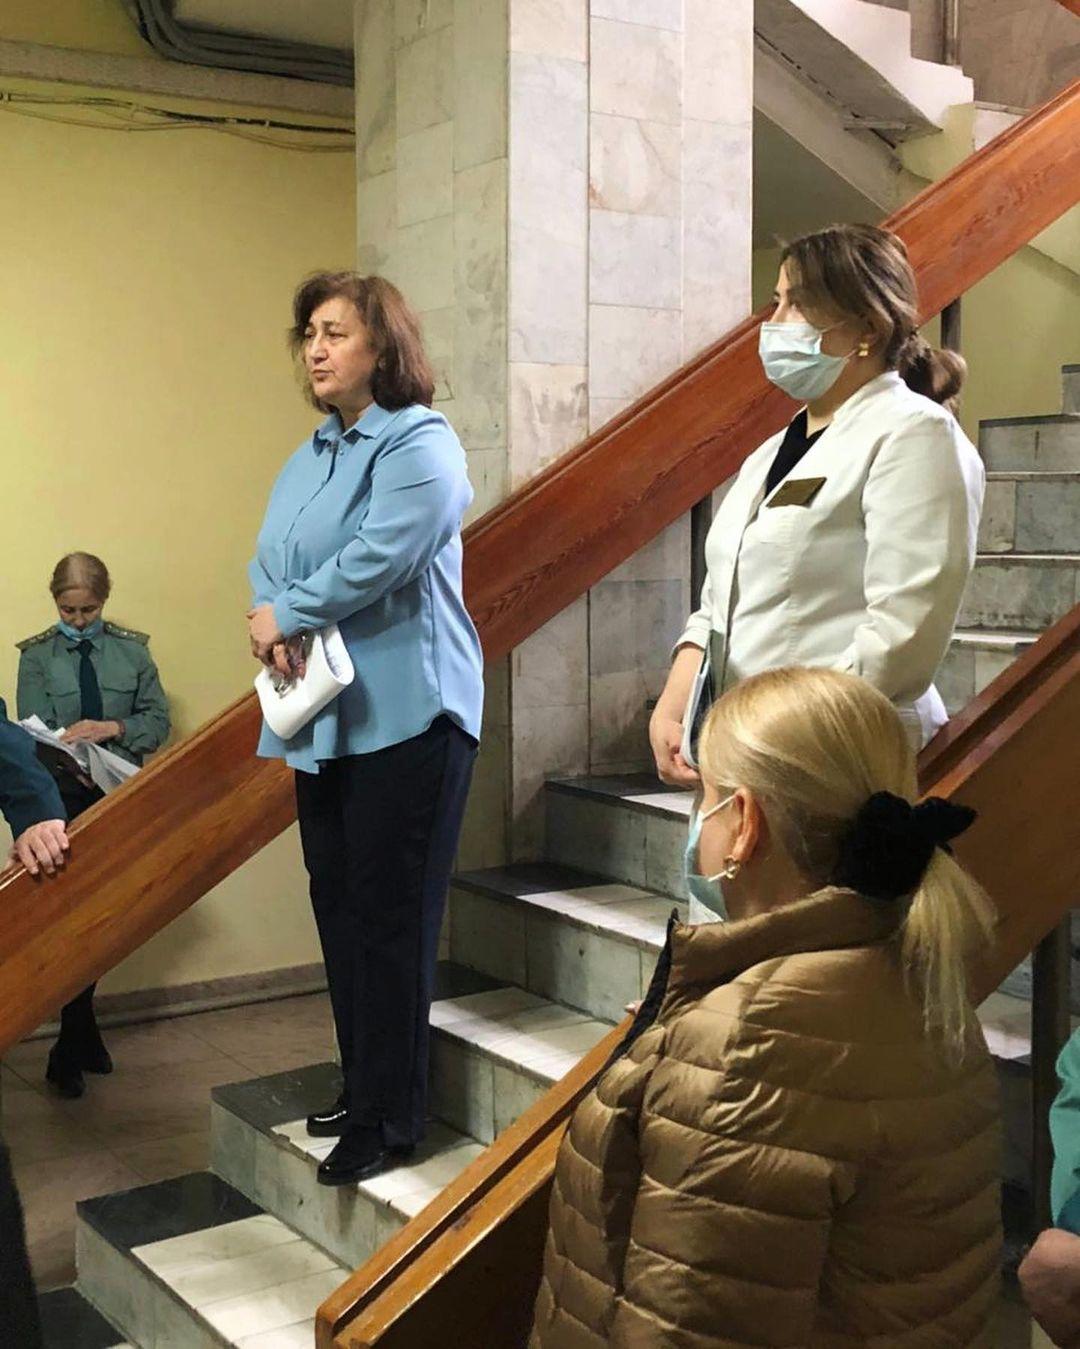 В административном здании Дагестанской таможни прошёл семинар на тему профилактики распространения коронавирусной инфекции